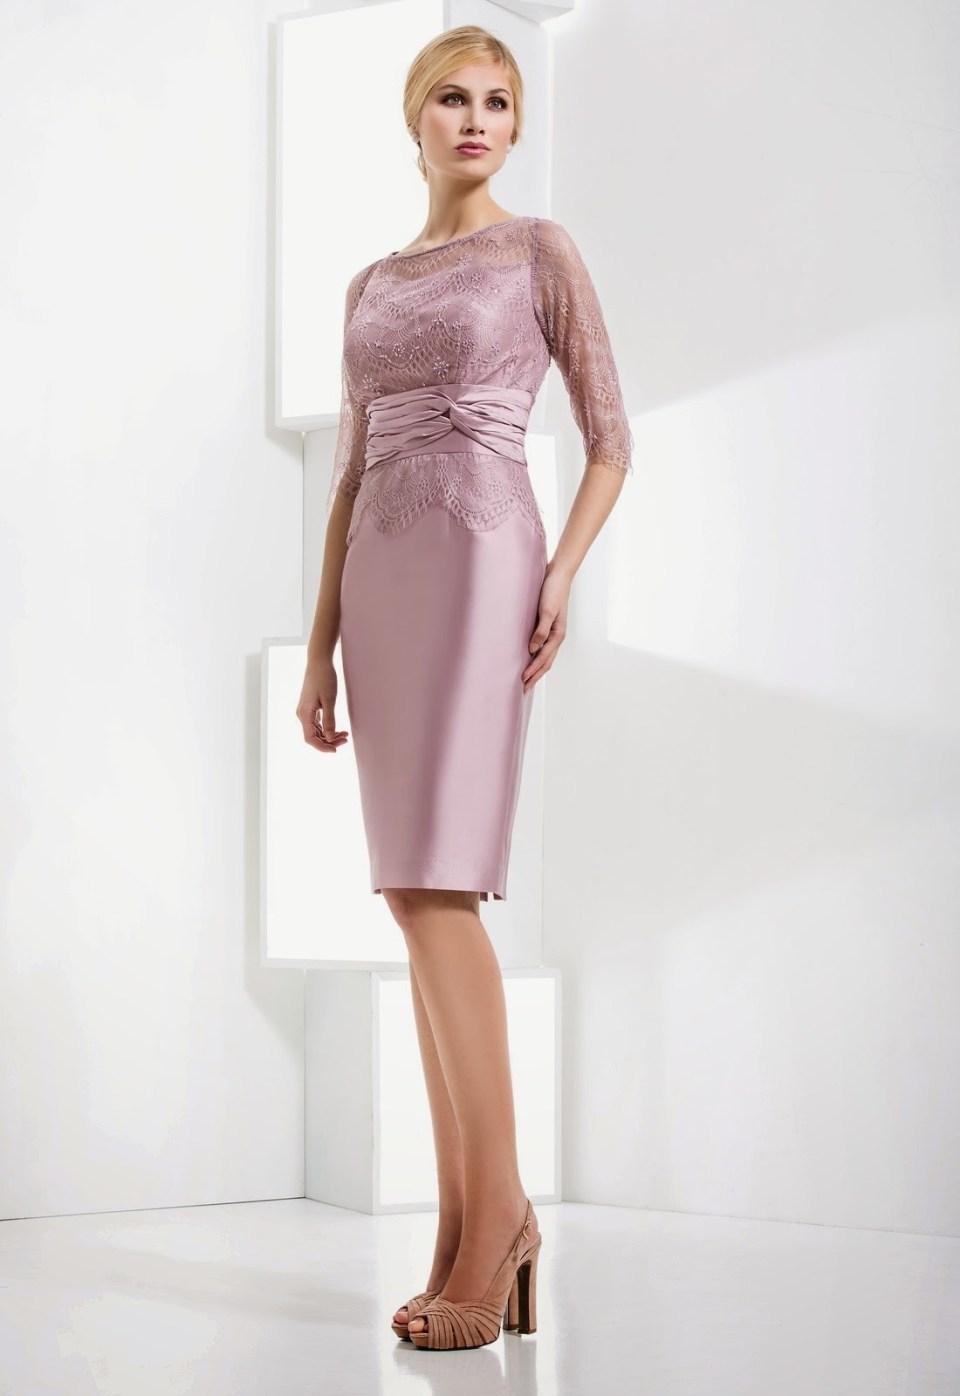 elegante kurze abendkleider — kliafp